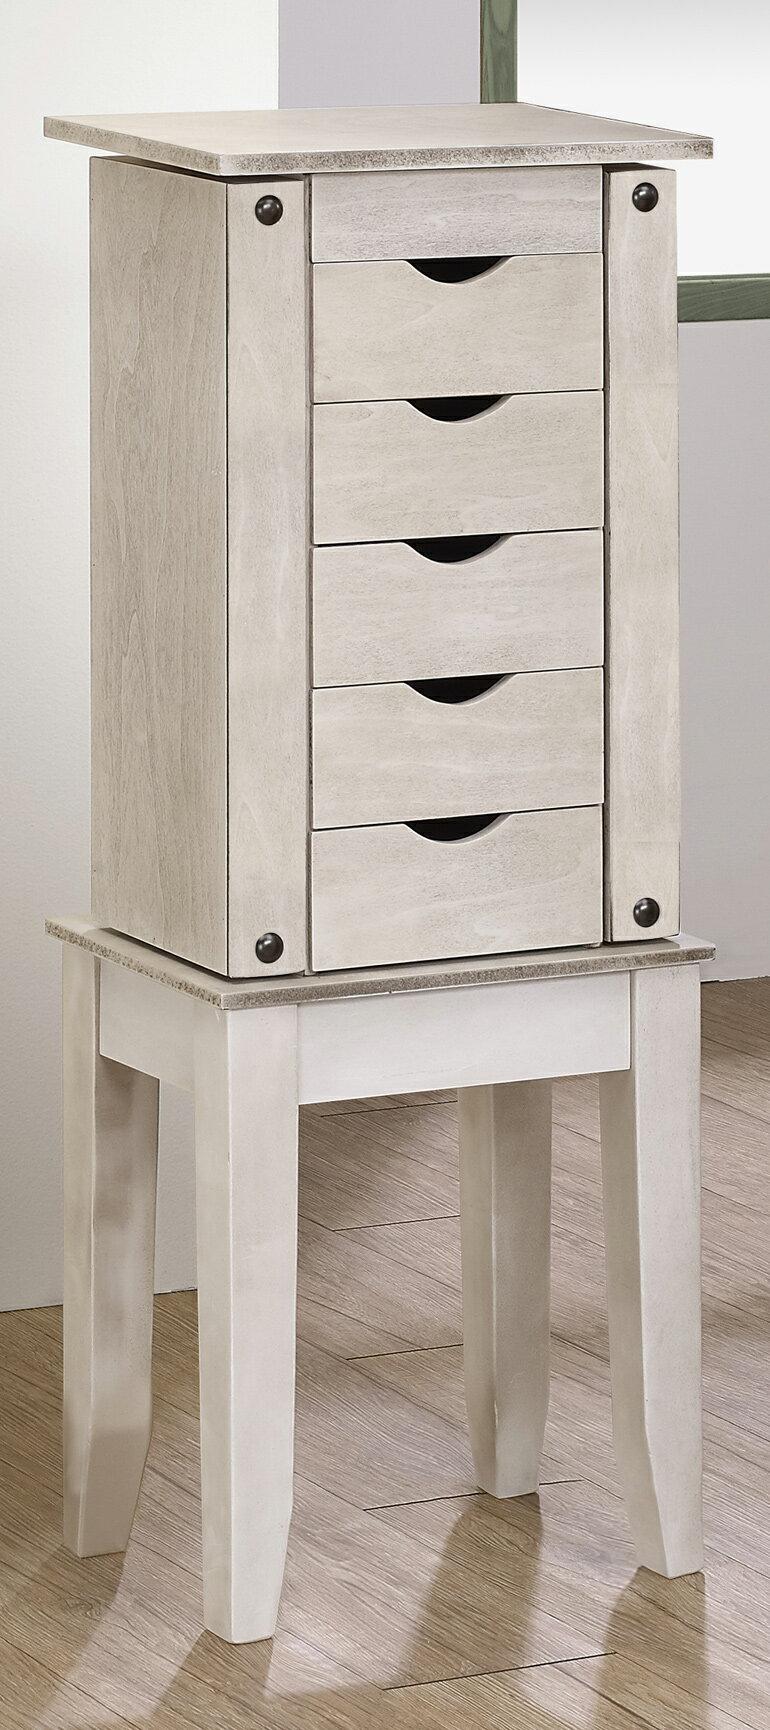 化妝箱、首飾箱、首飾盒、珠寶箱、珠寶盒、飾品箱、飾品盒、化妝盒、收納箱、收納盒、化妝櫃、首飾櫃、珠寶櫃、飾品櫃、收納櫃